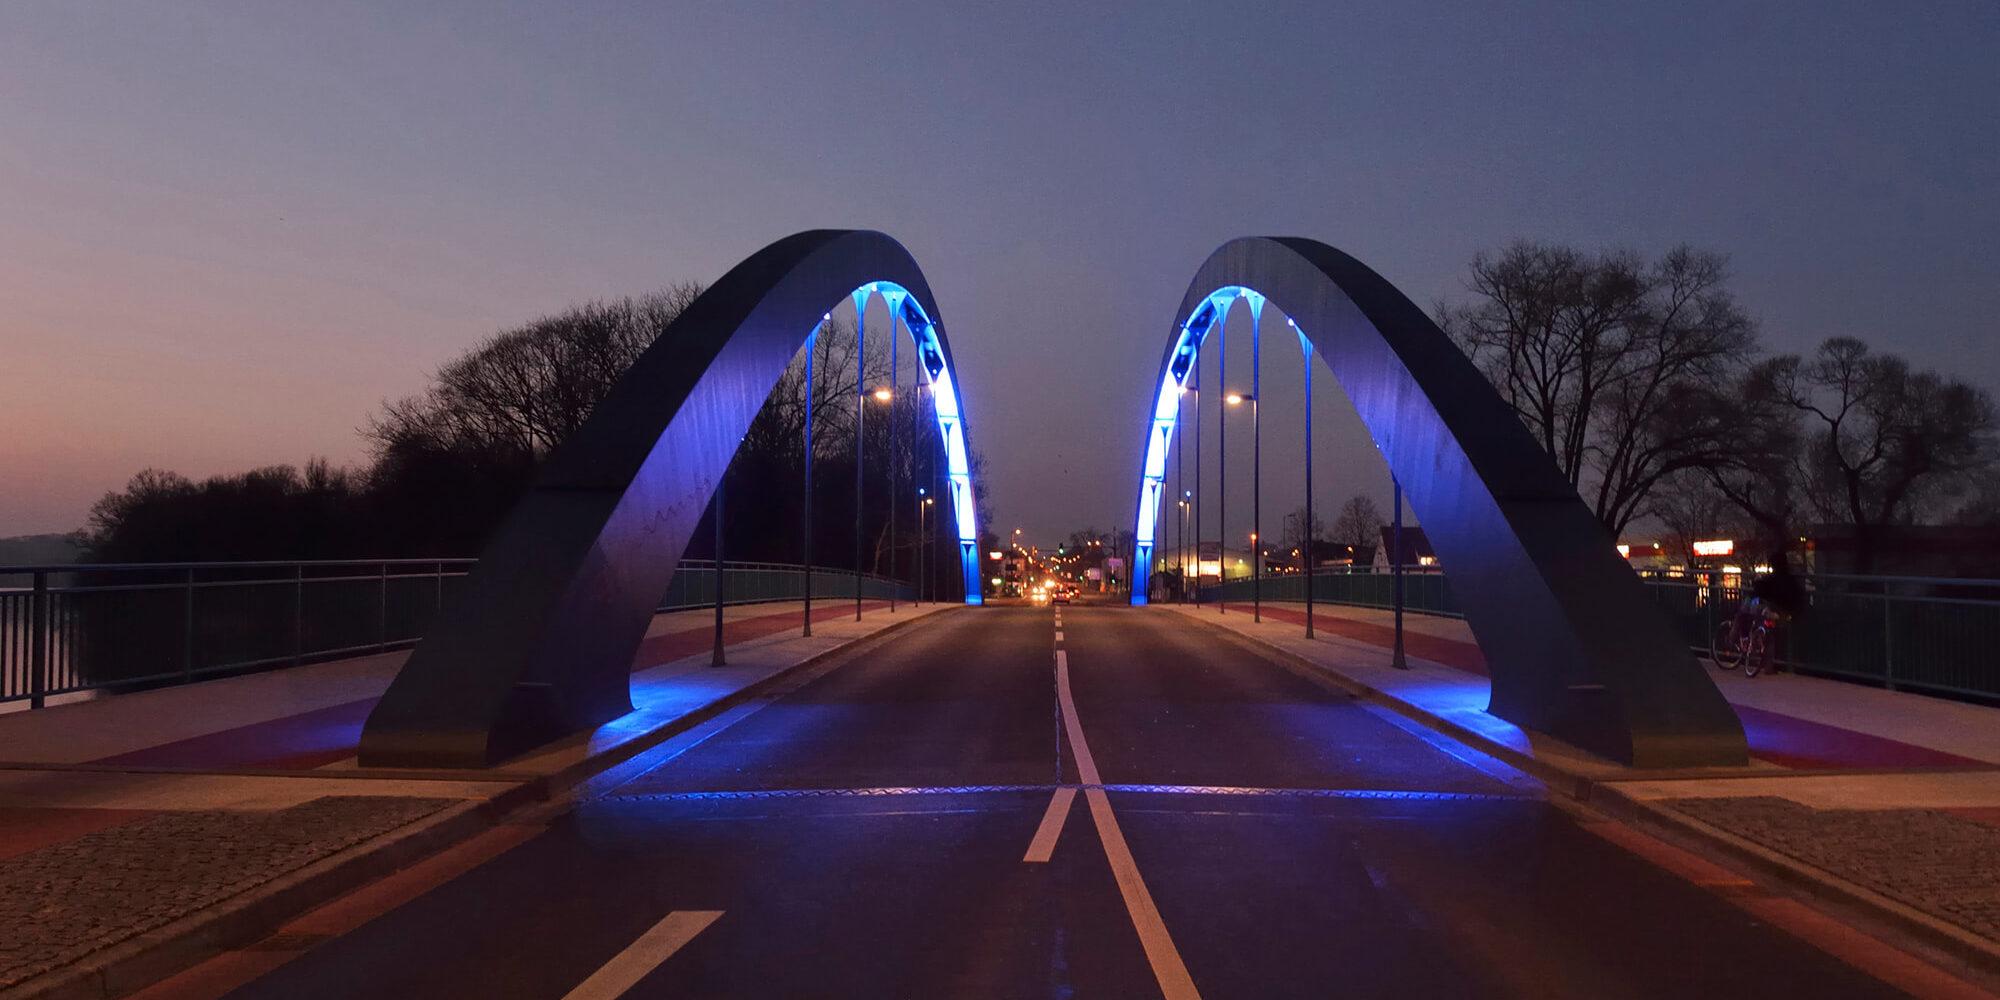 Lesumbrücke, Burglesum